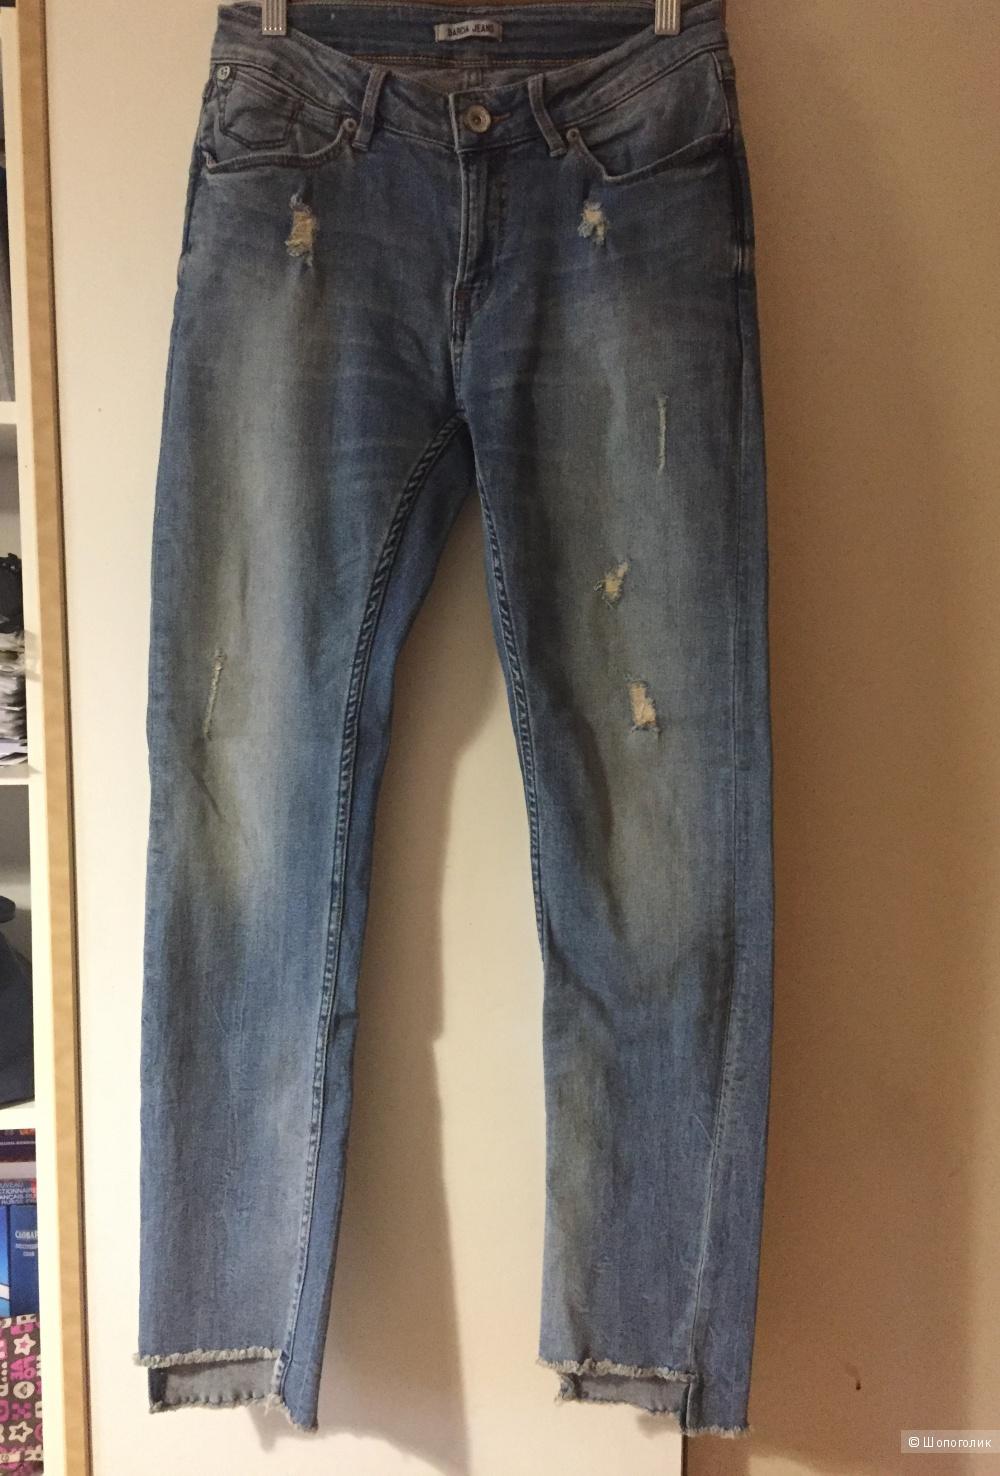 991daeecff82 Джинсы GARCIA JEANS размер 28., в магазине YOOX — на Шопоголик